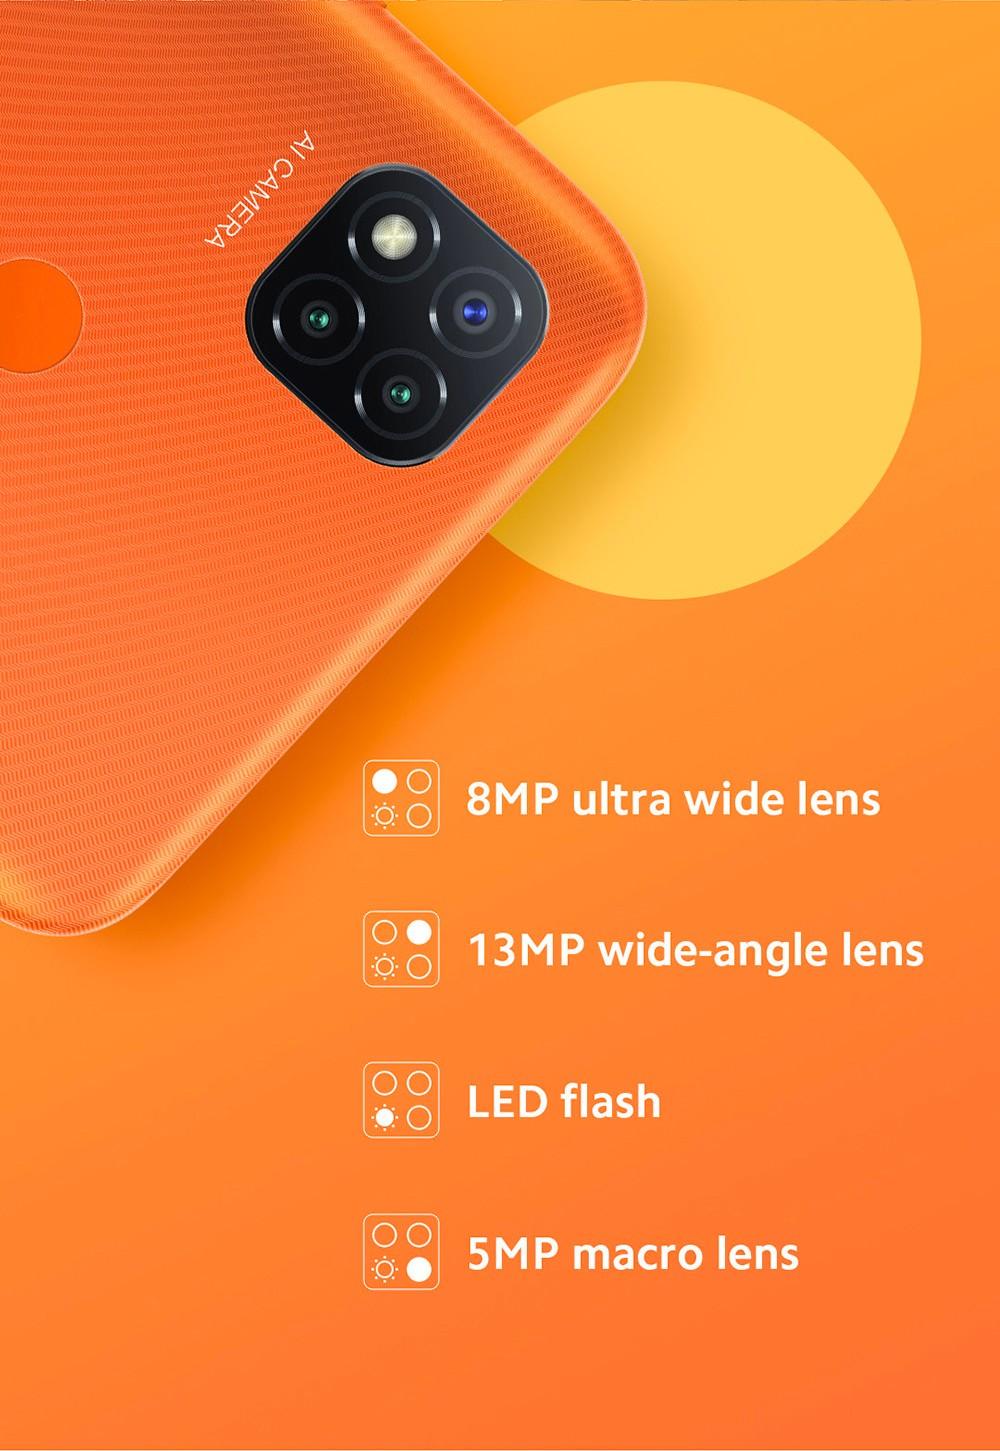 Xiaomi Redmi 9C 4G Smartphone AI Cameras